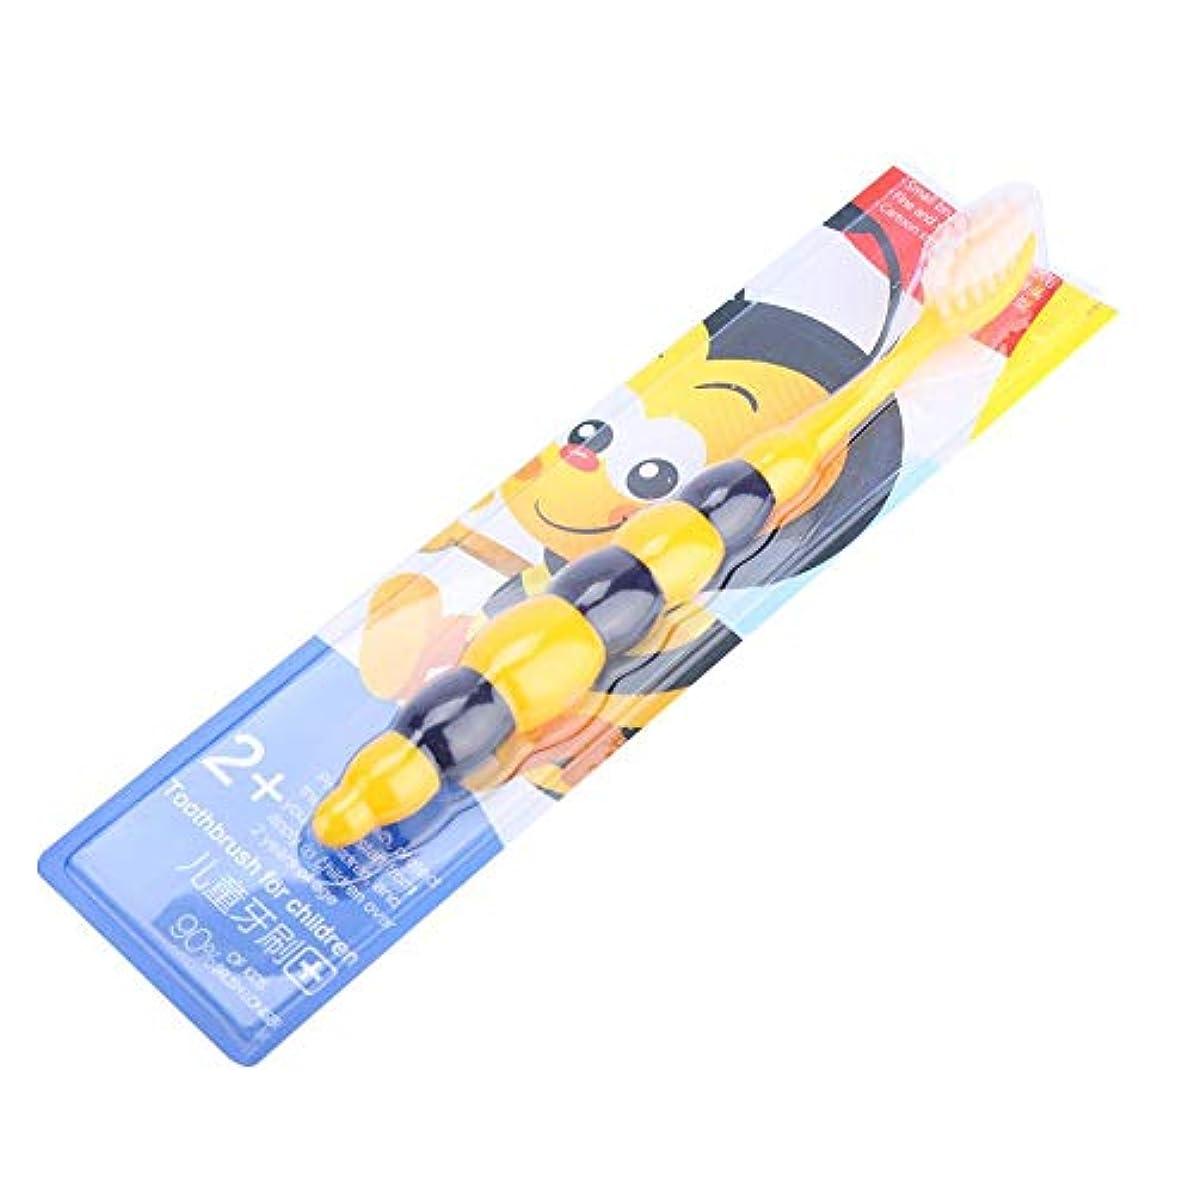 疑わしいボウリングくびれた子供の柔らかい髪の歯ブラシの子供かわいいクリーニングの歯ブラシオーラルケアツール(黄色い蜂)